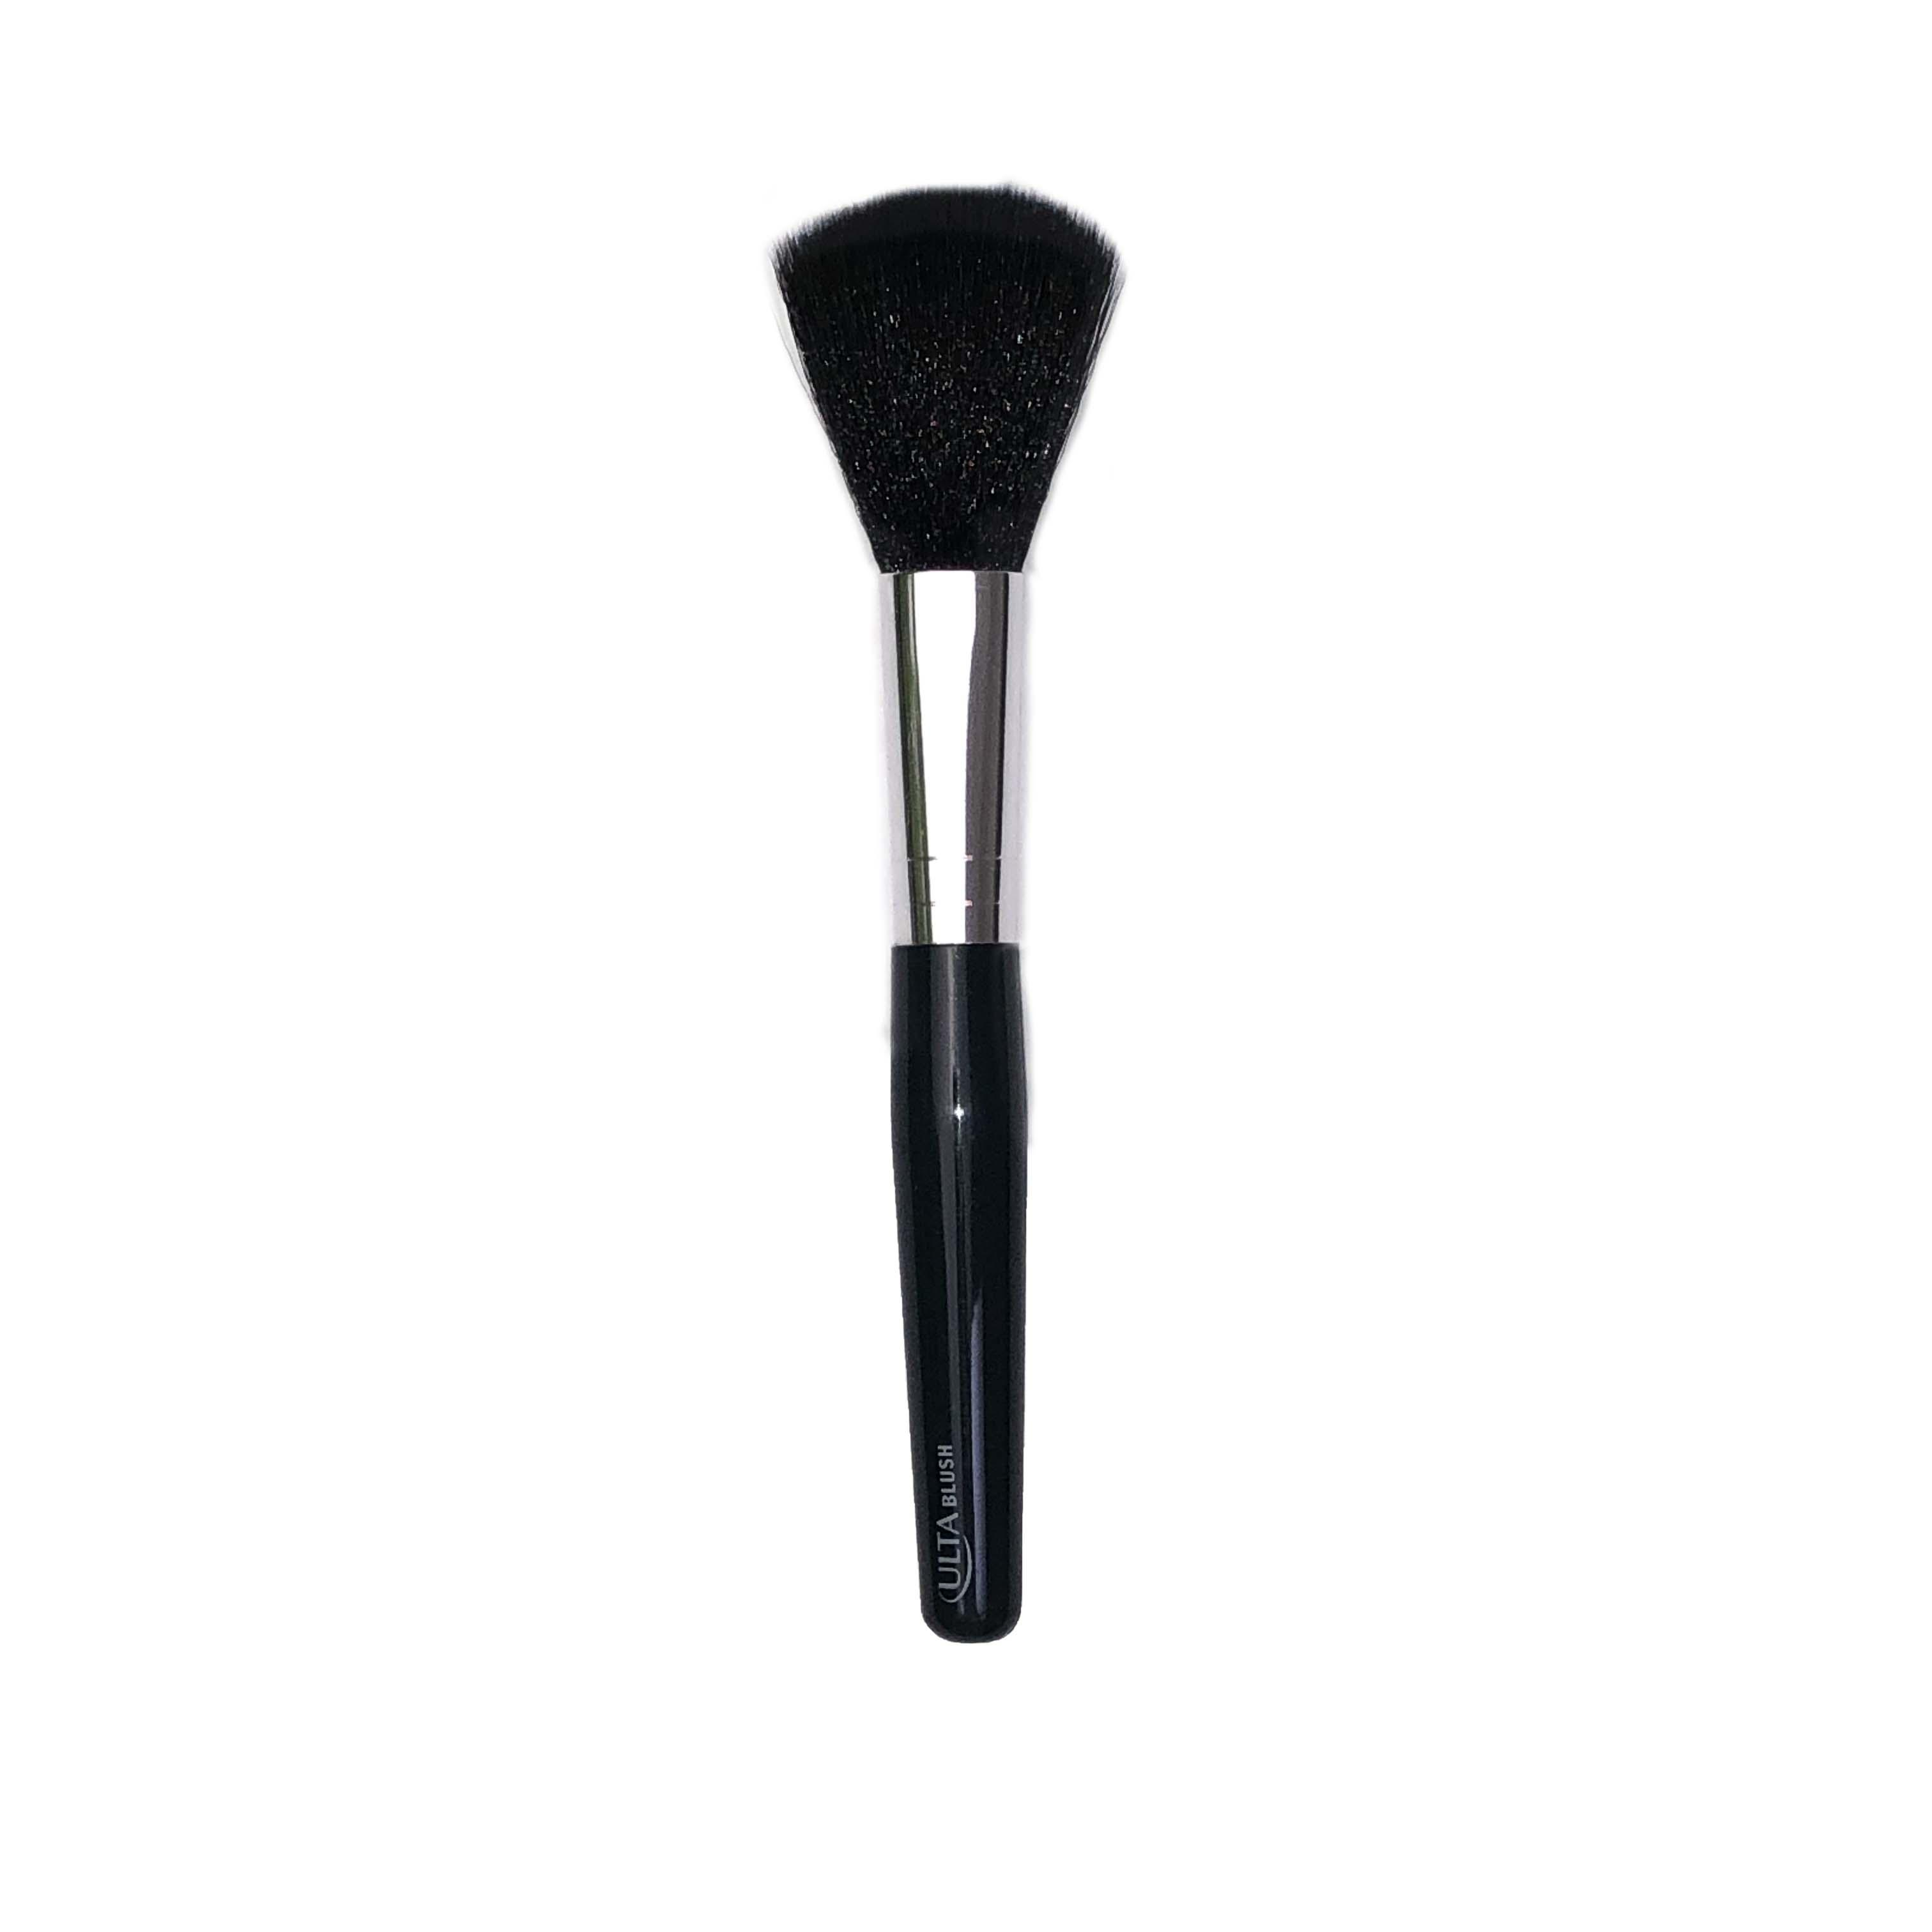 Ulta Beauty Blush Brush